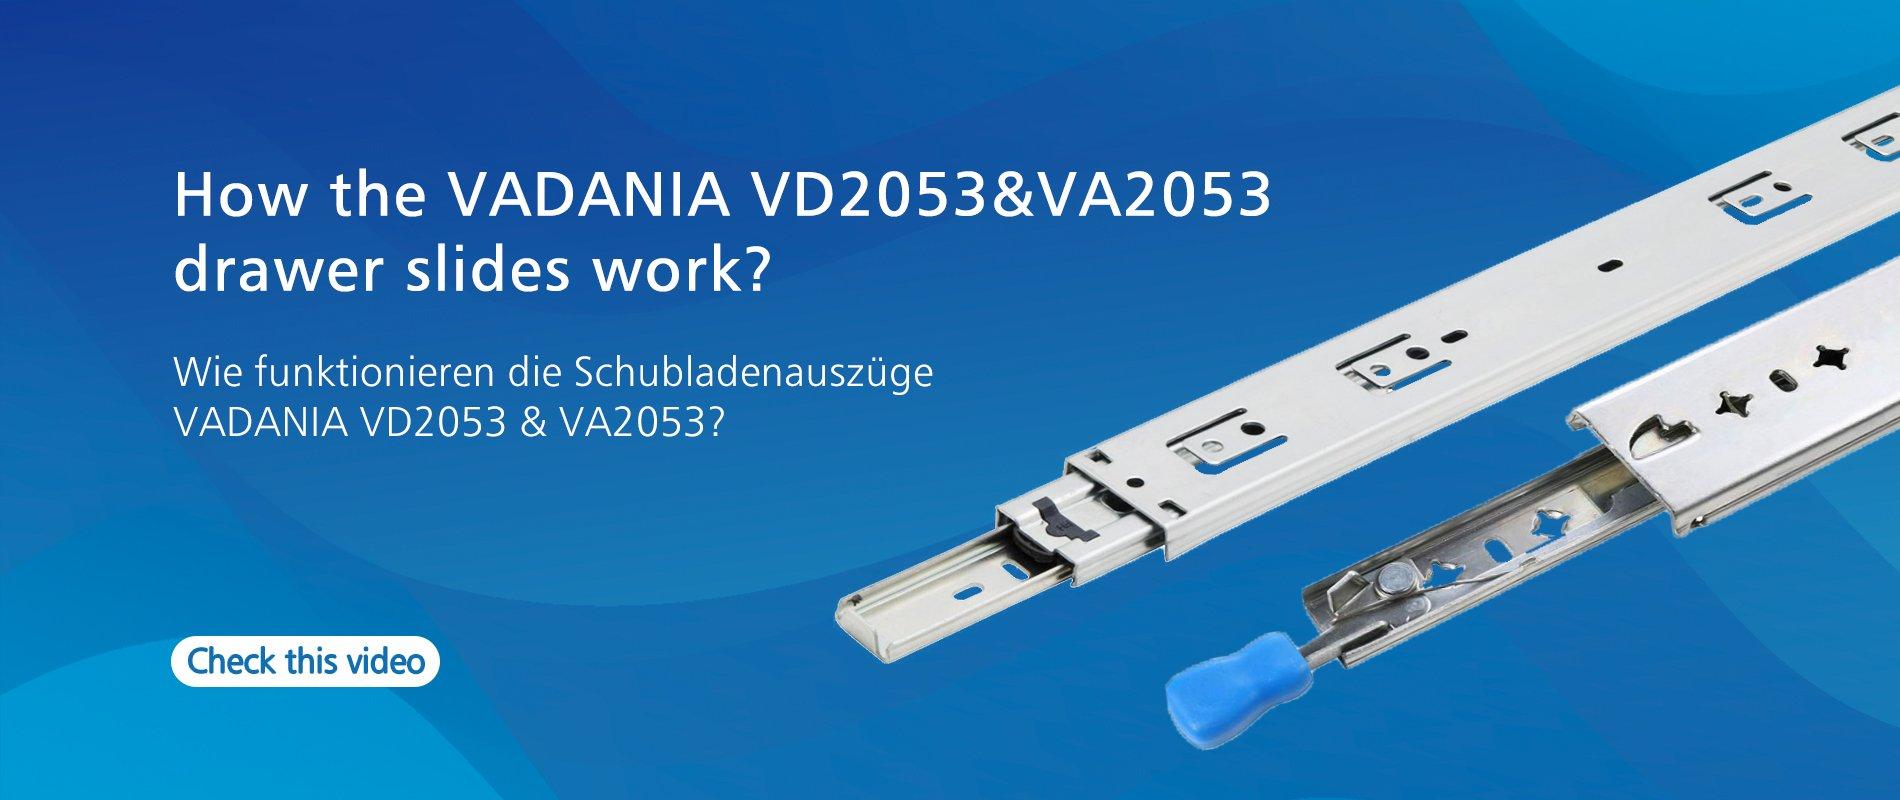 Installationsanleitung für Schubladenauszüge VA2053/VD2053